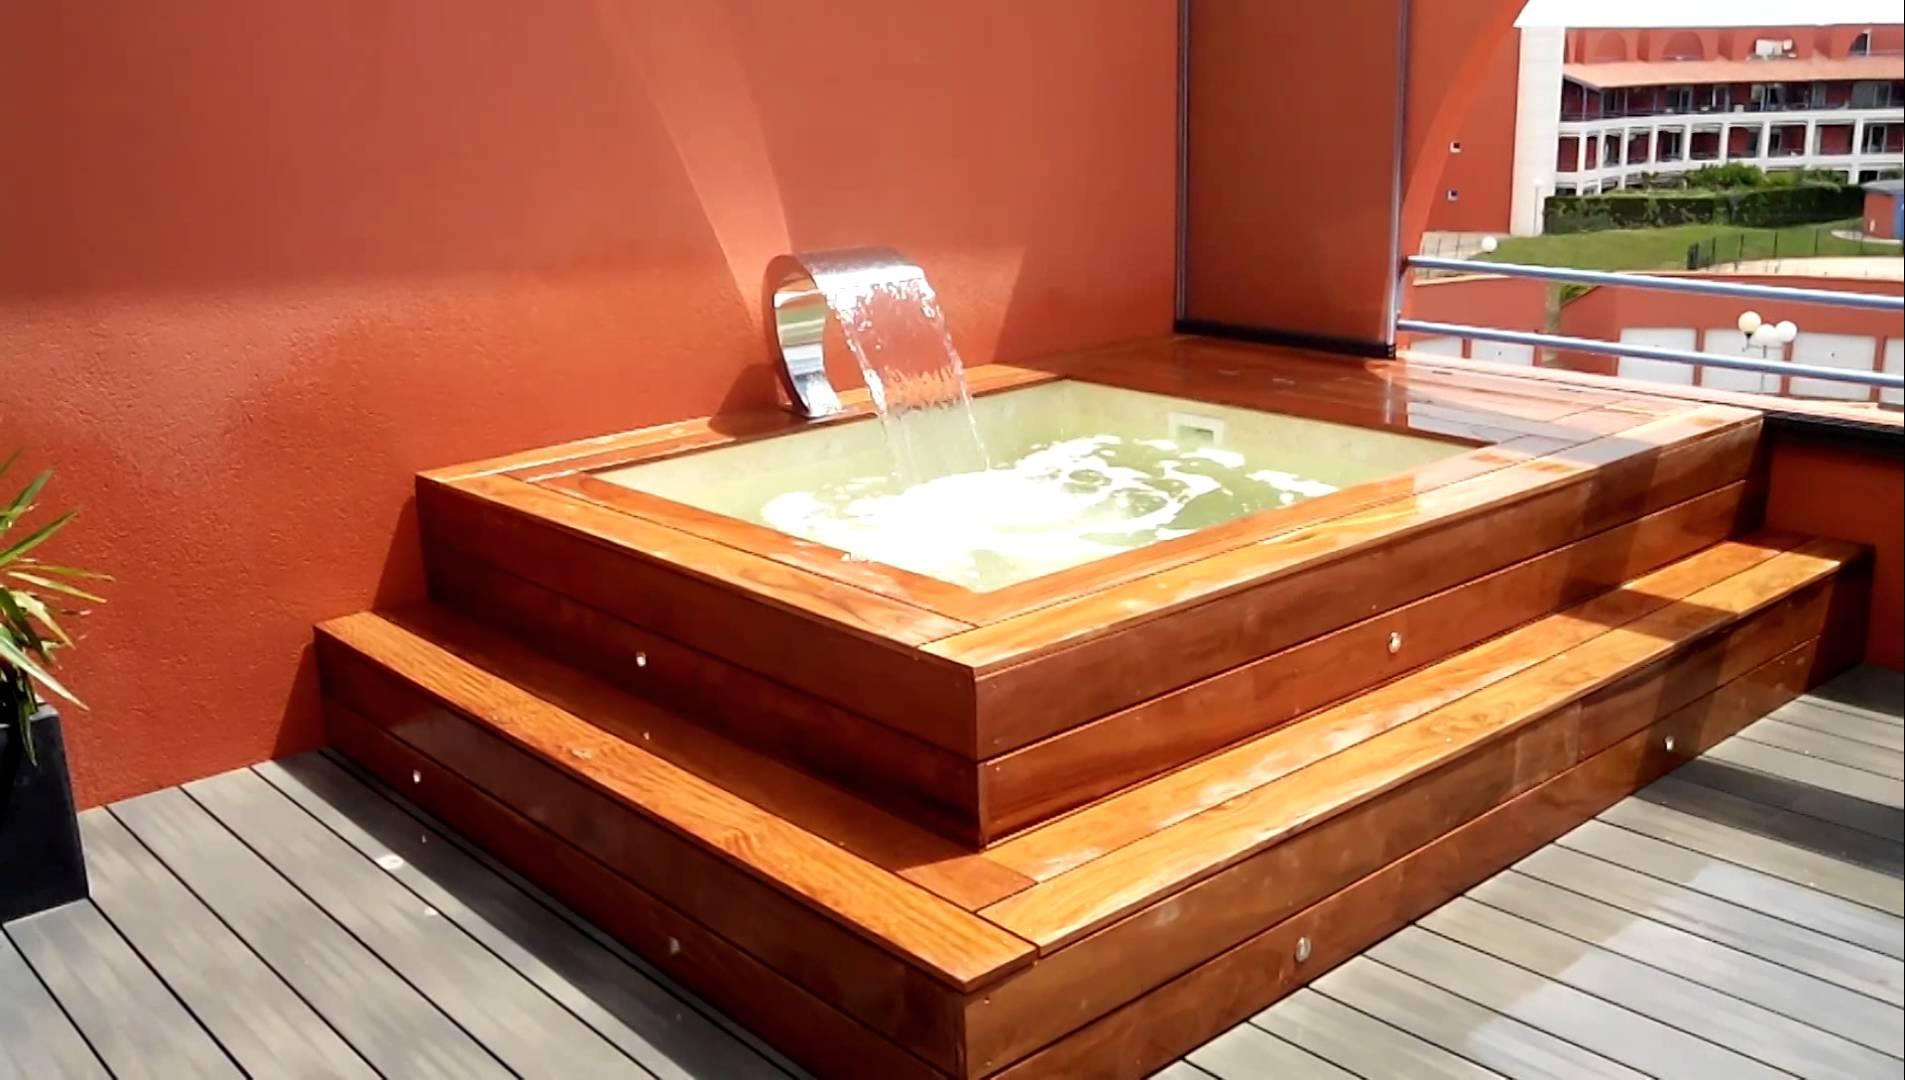 Mini piscina de madera nika 2 x 2 al mejor precio for Mini piscinas para terrazas